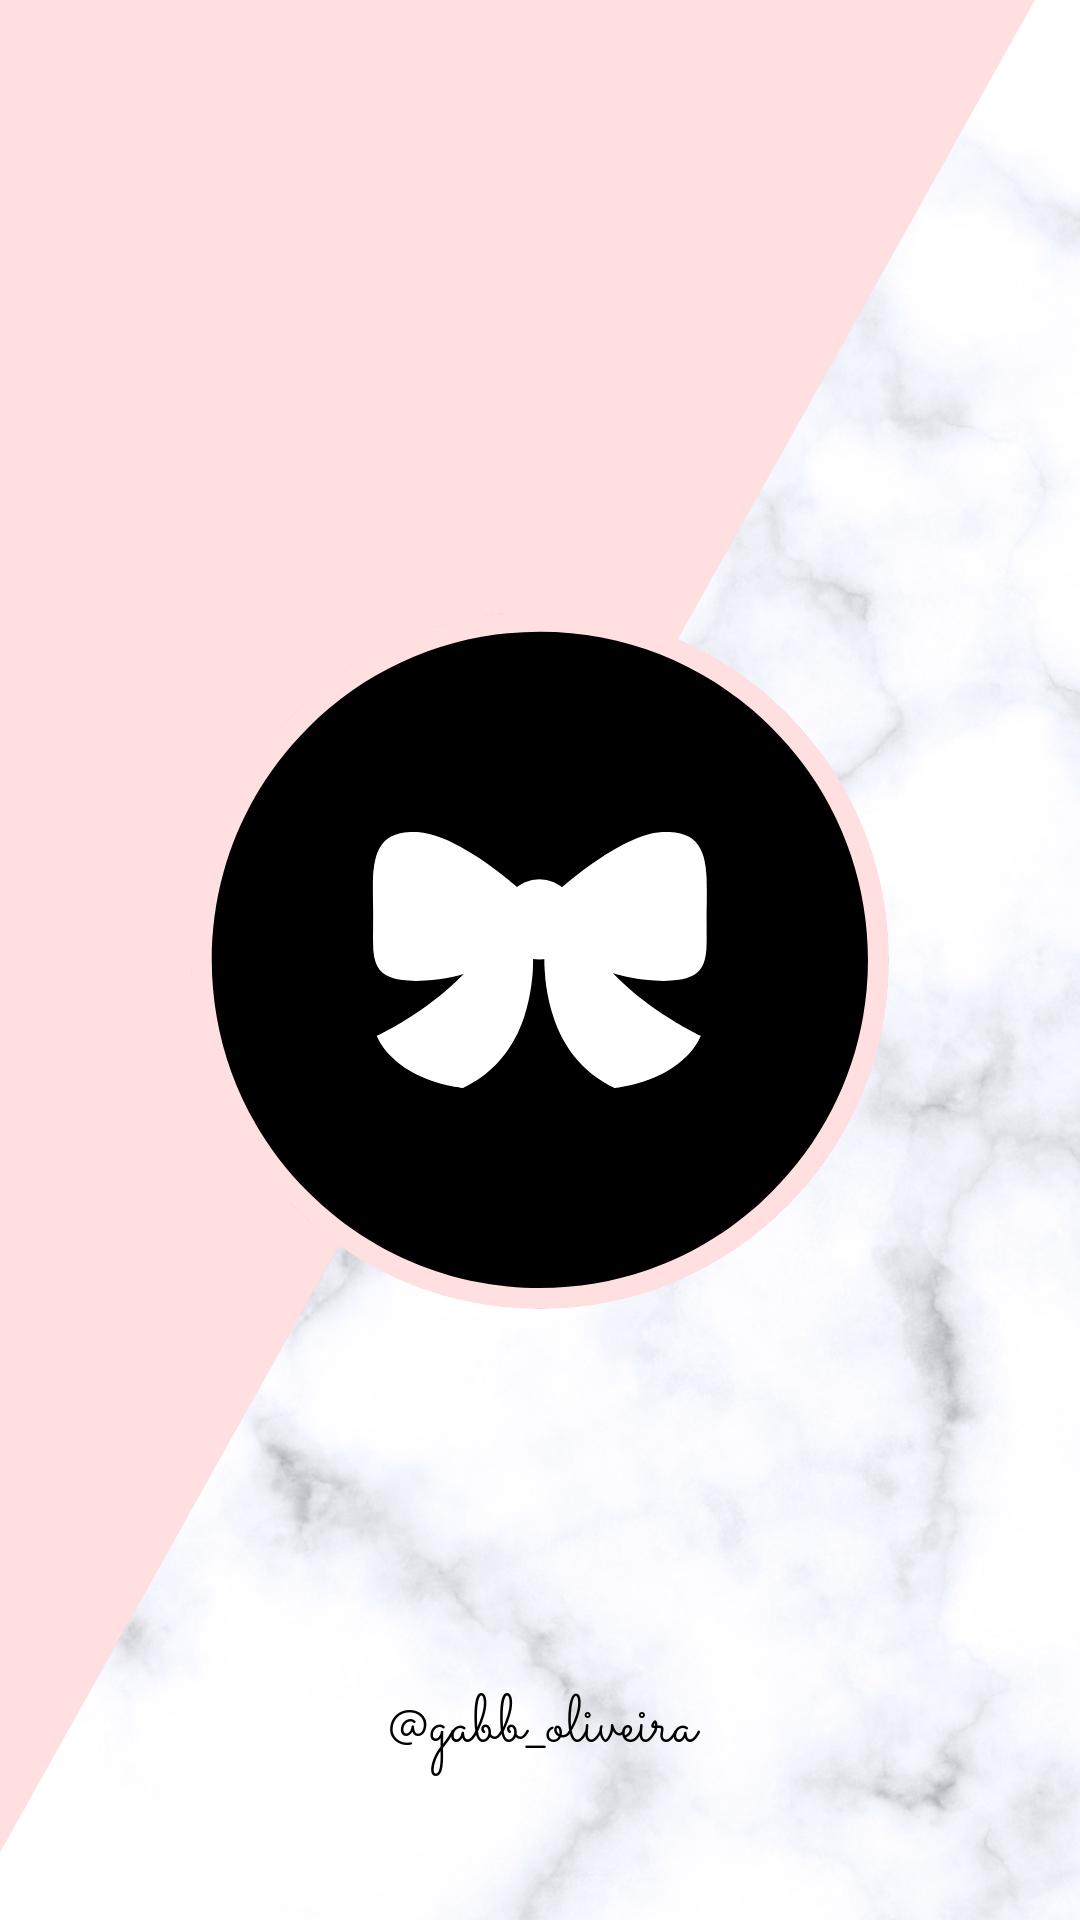 Pin de m ē y a 🌻 em Instagram story icons em 2020